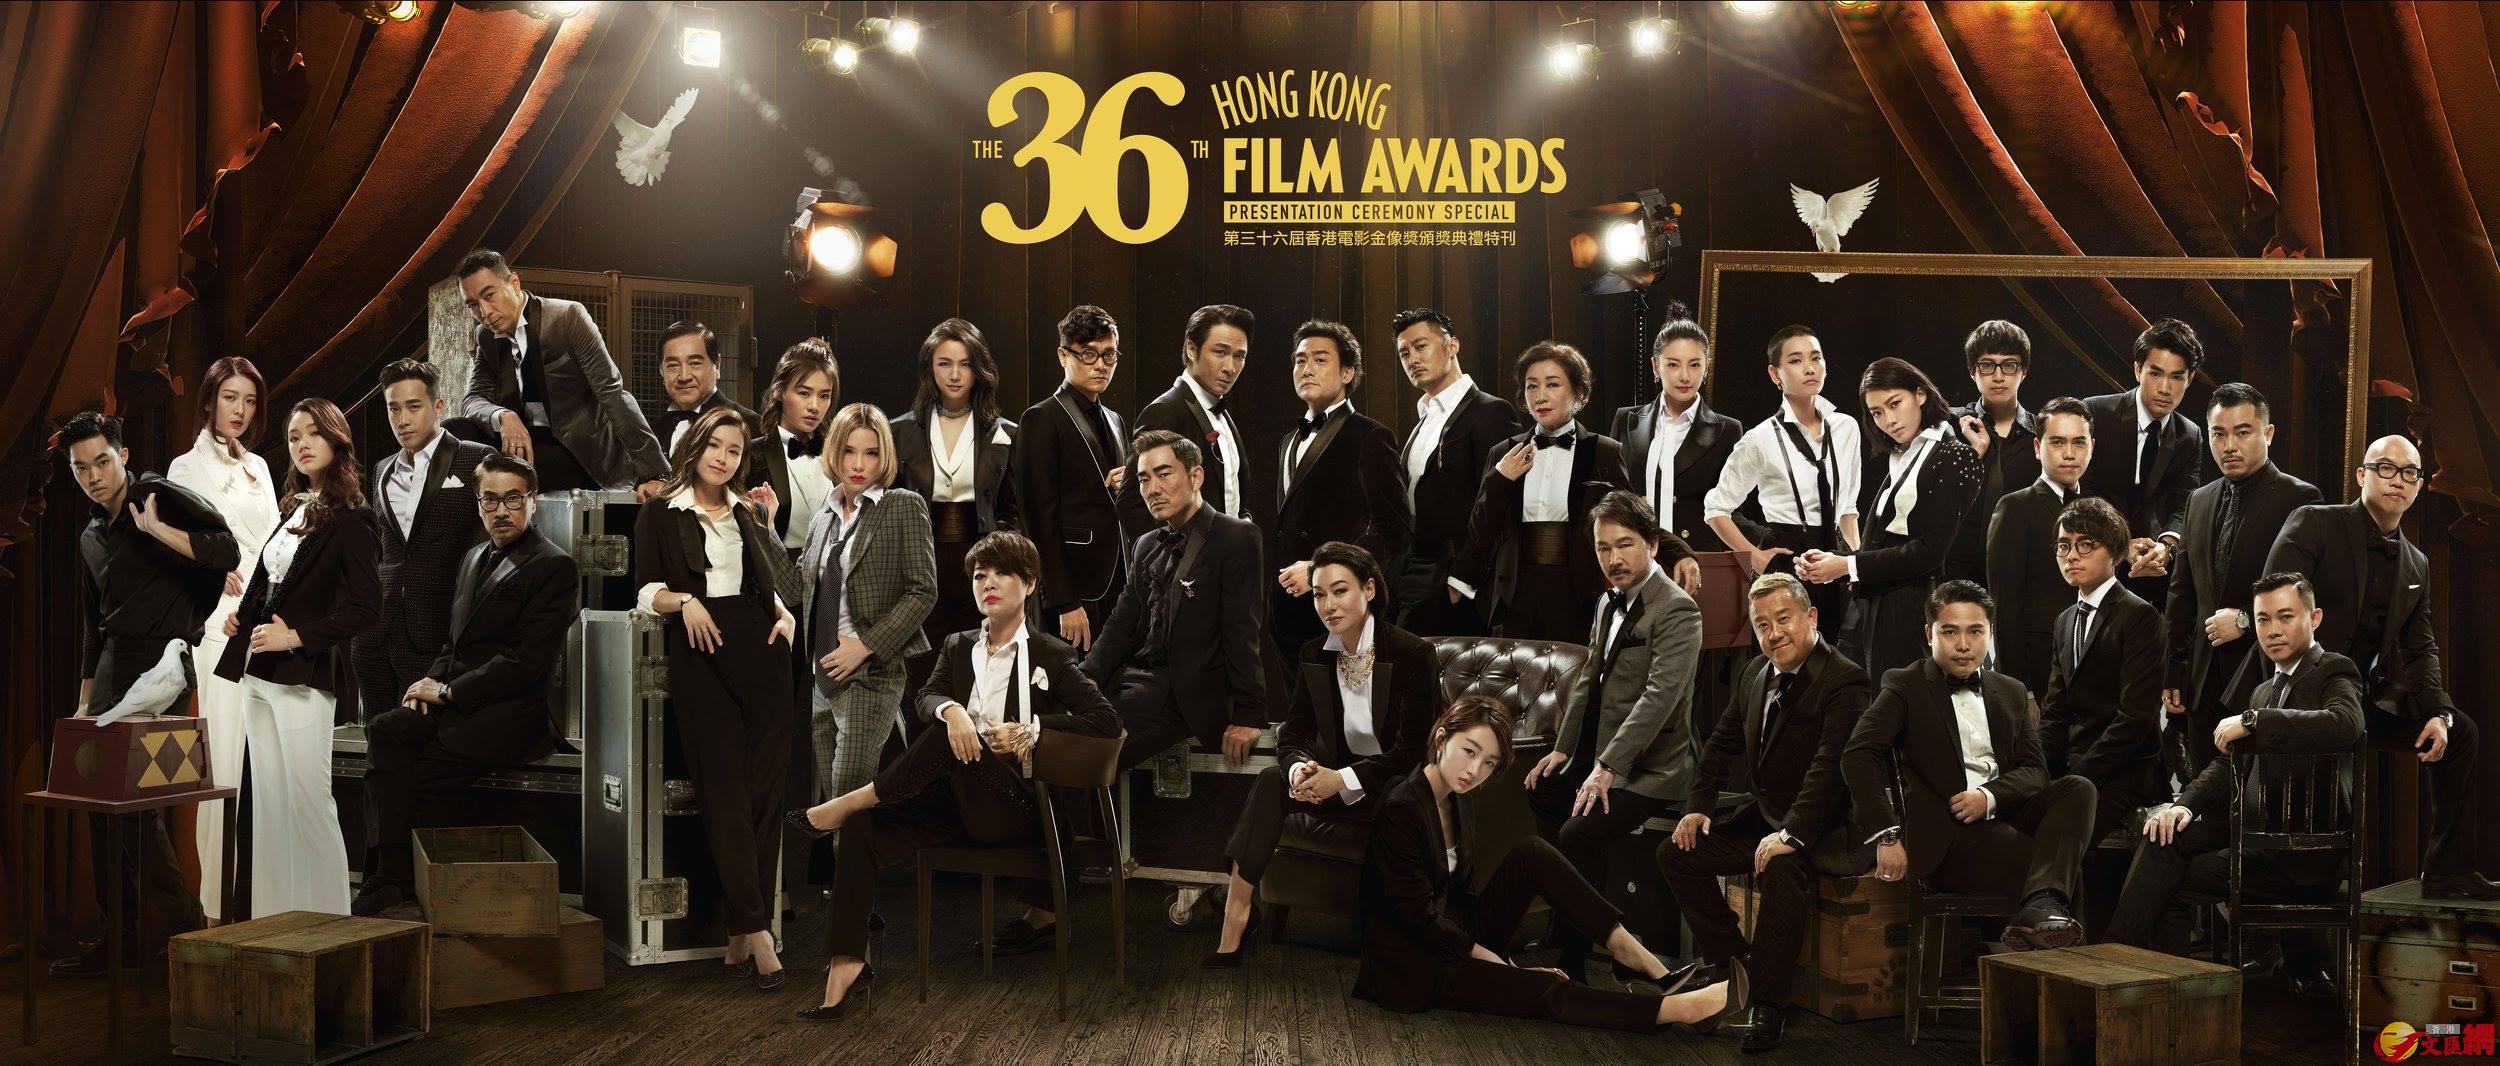 2017年第36届香港电影金像奖海报(香港电影金像奖官网)-第36届香